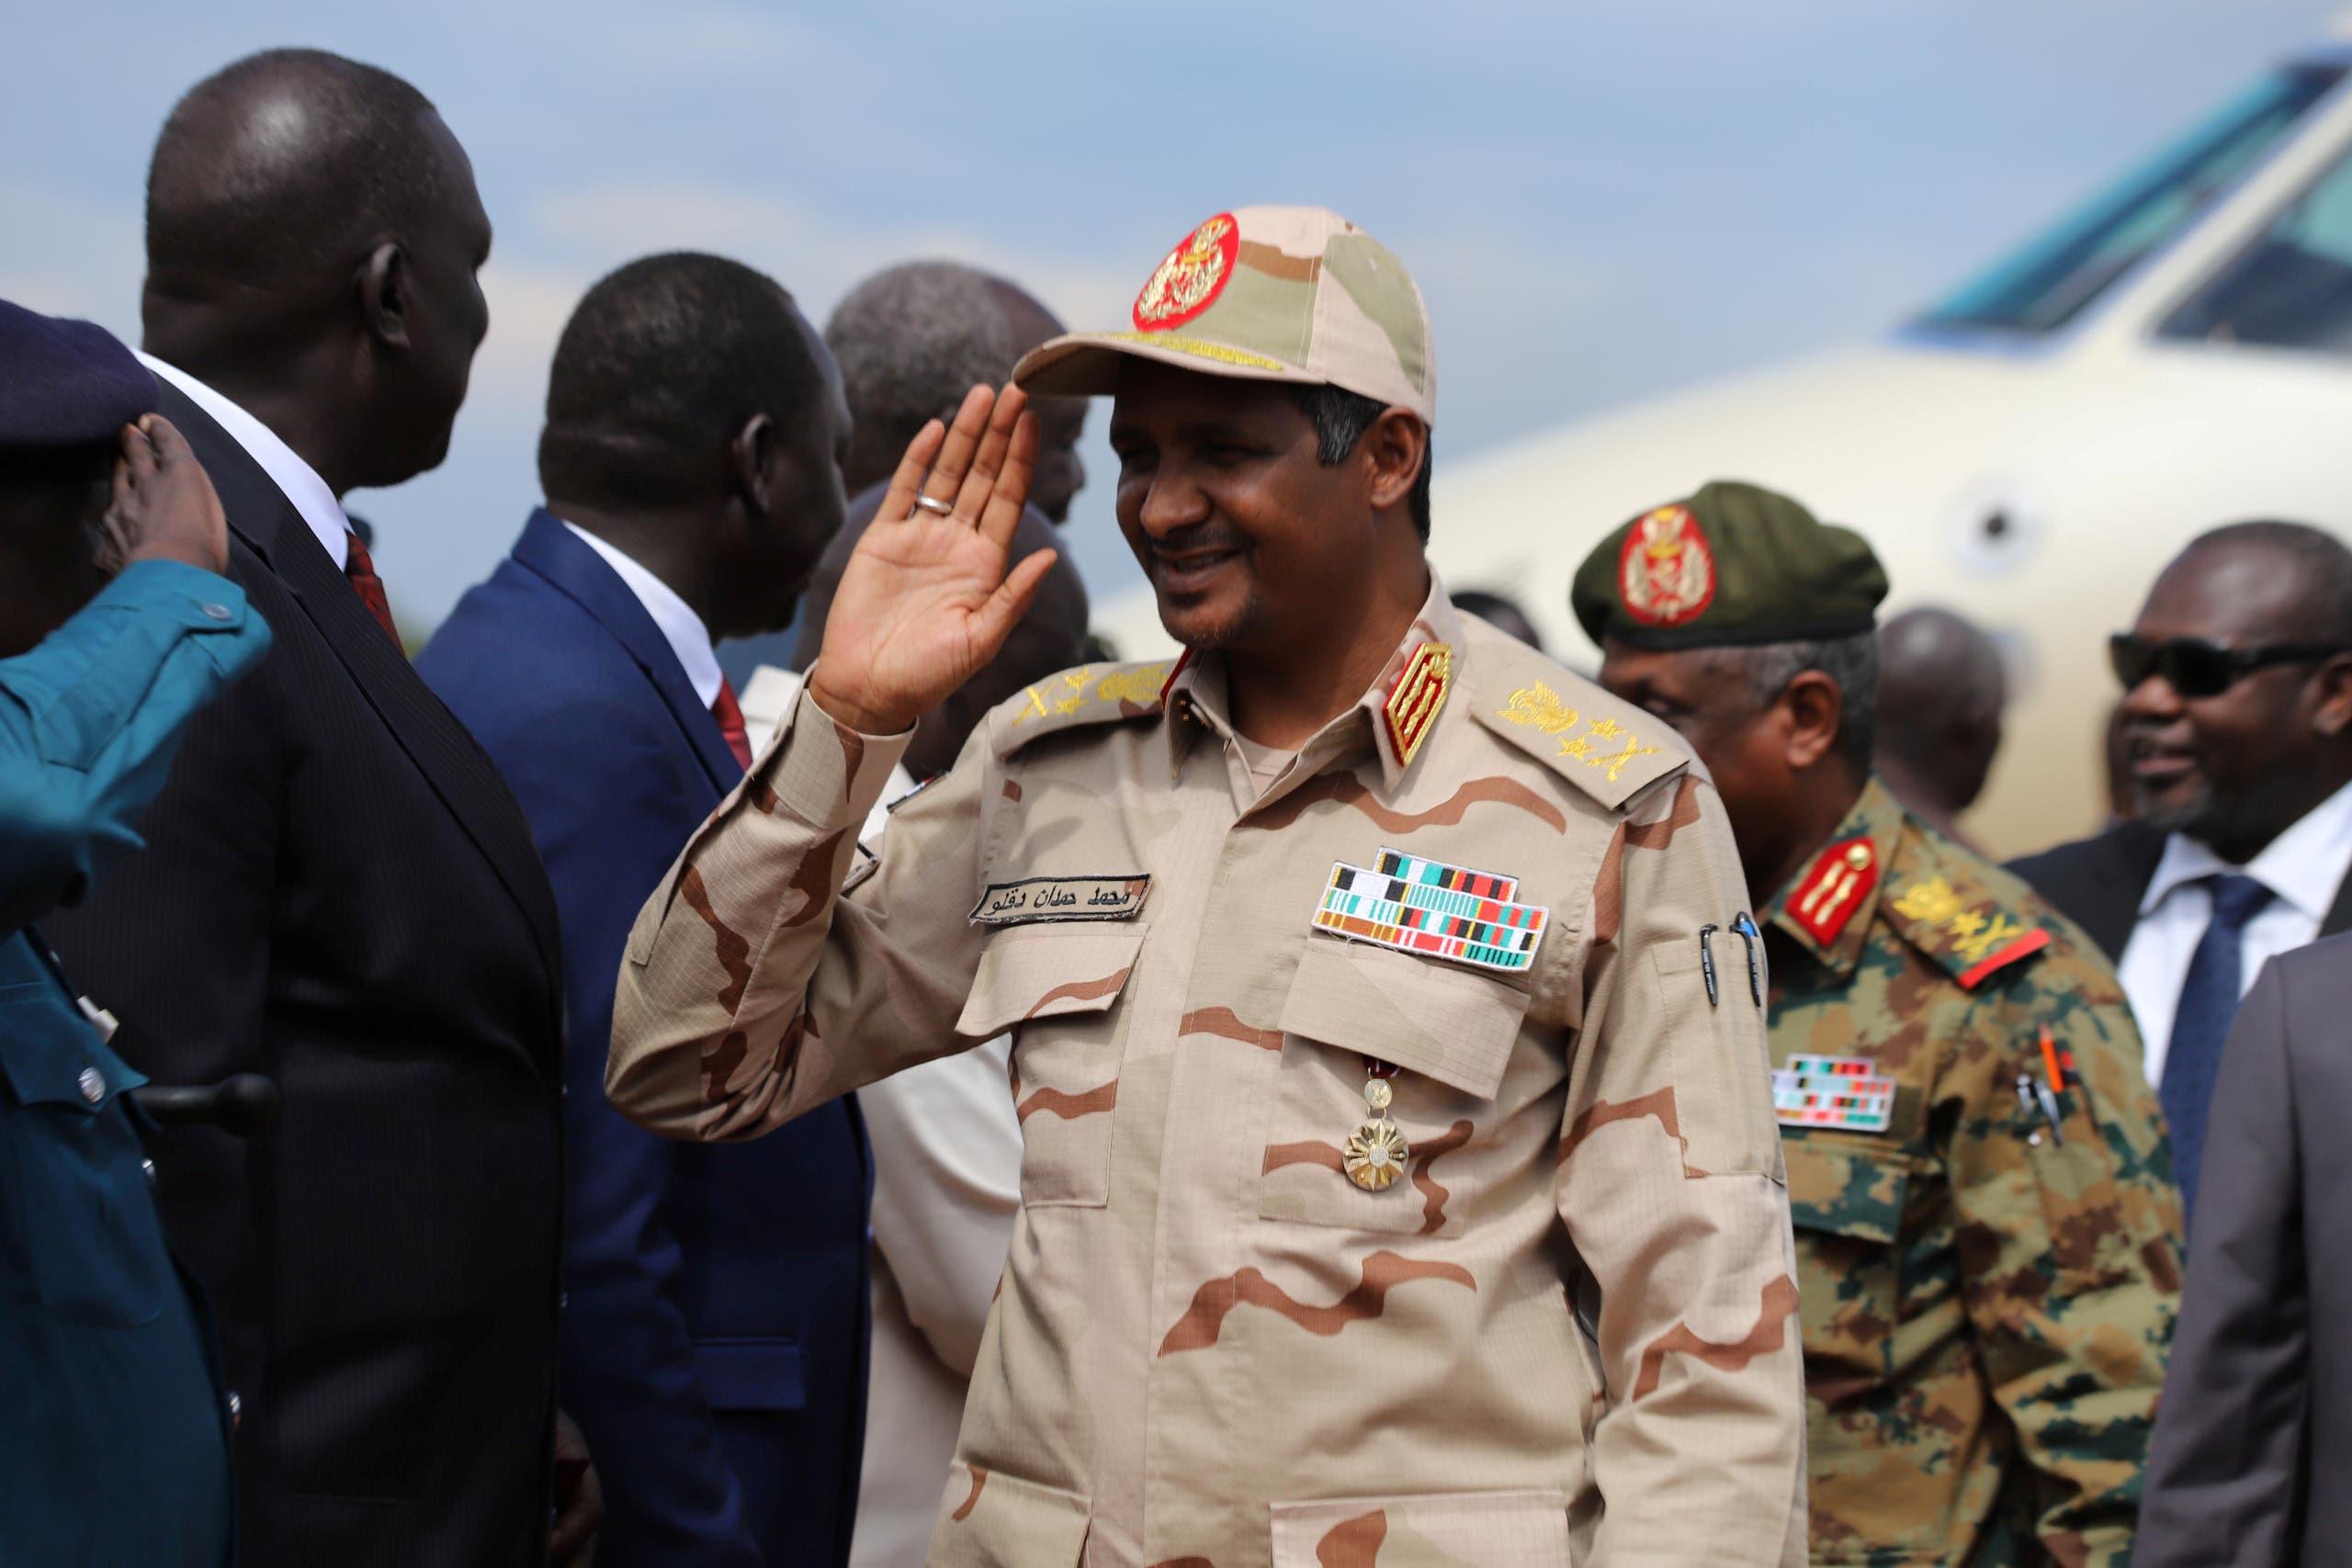 معاون رئیس شورای انتقالی سودان ، حمدان داگالو وارد فرودگاه جوبا می شود